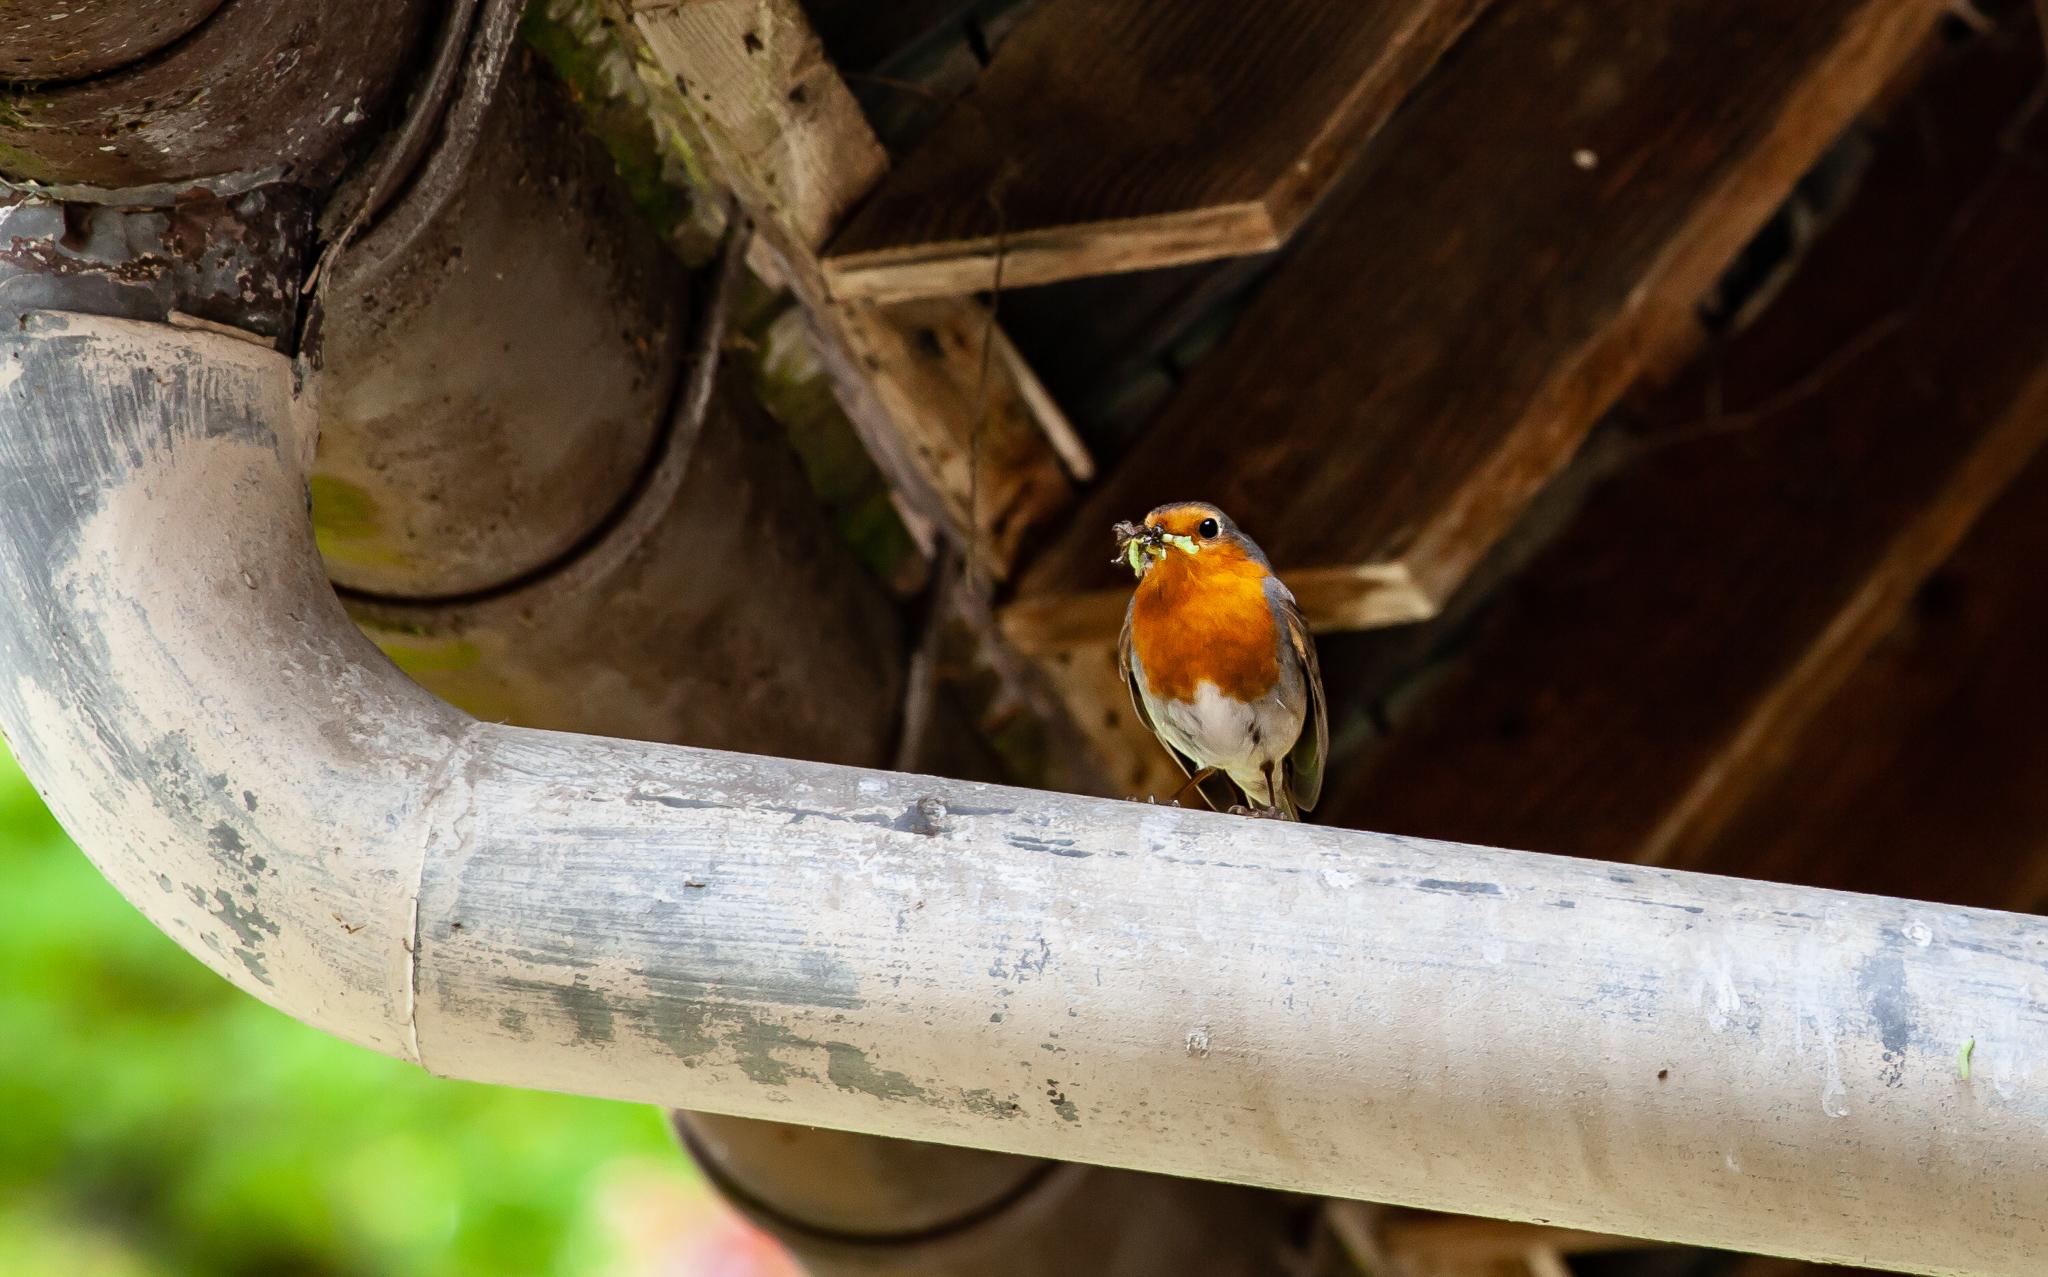 oiseaux du jardin rouge gorge avec des chenilles et des vers dans le bec